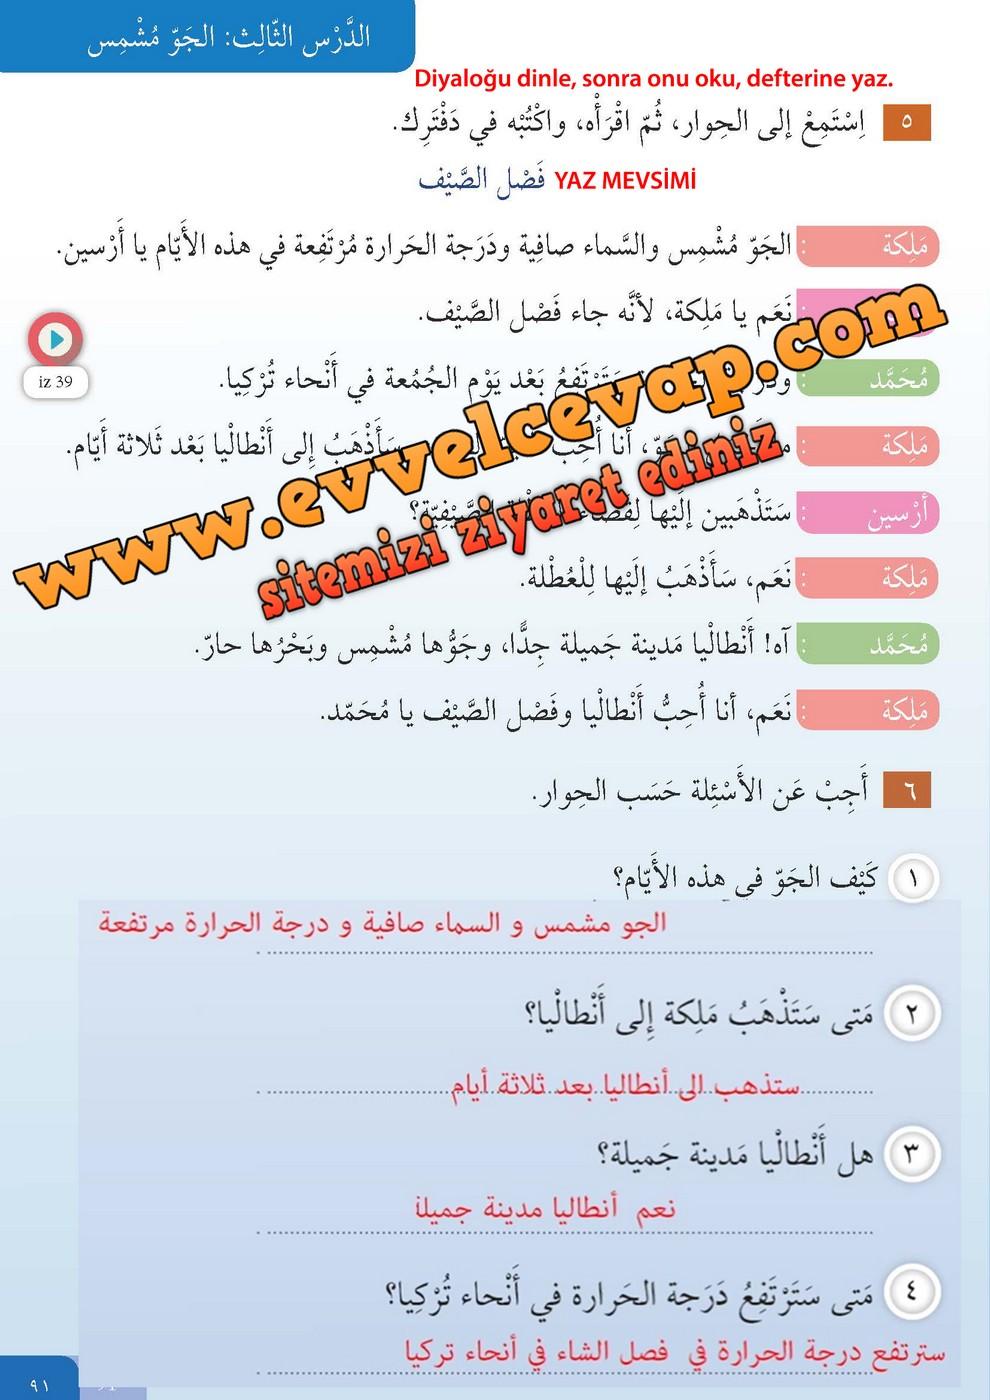 7 Sınıf Arapça Ders Ve öğrenci çalışma Kitabı Sayfa 91